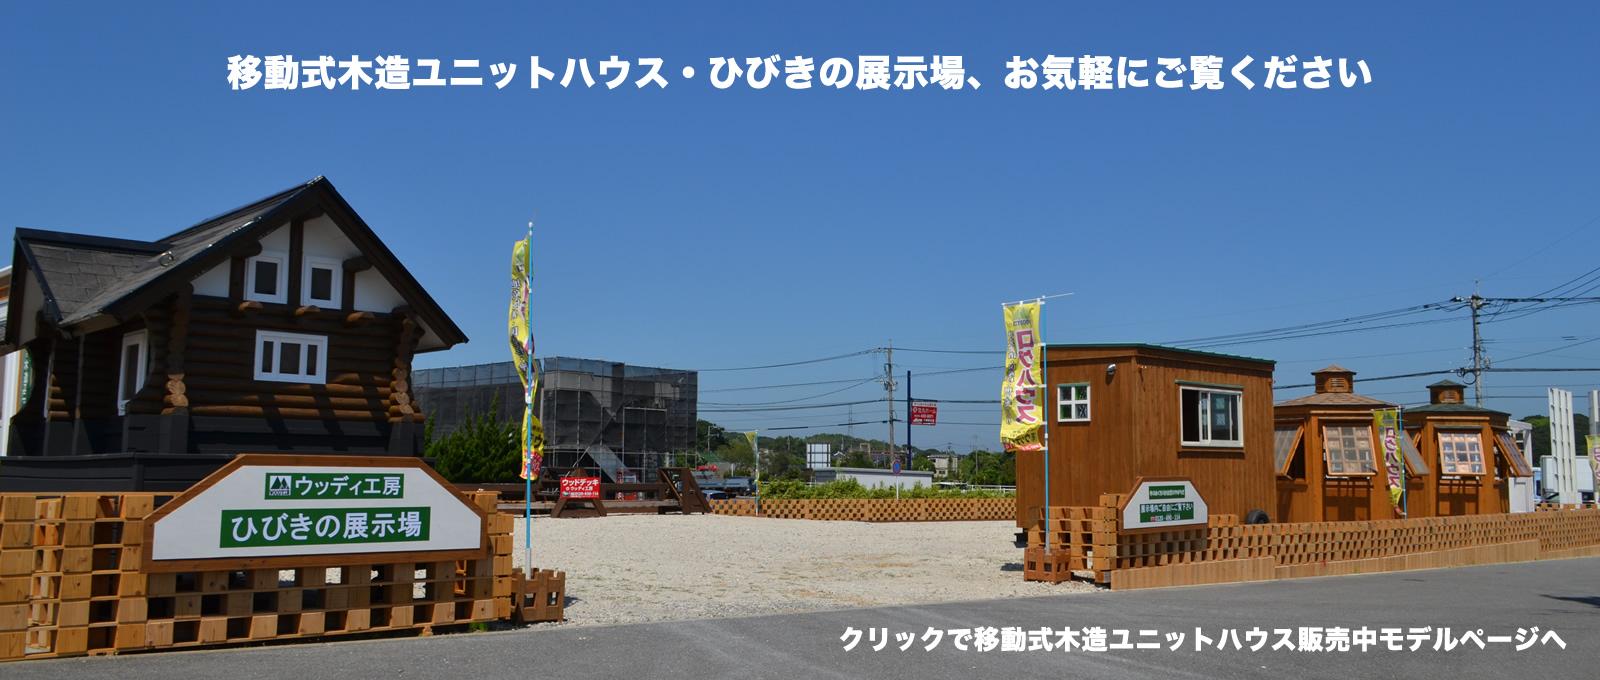 移動式木造ユニットハウス ひびきの展示場